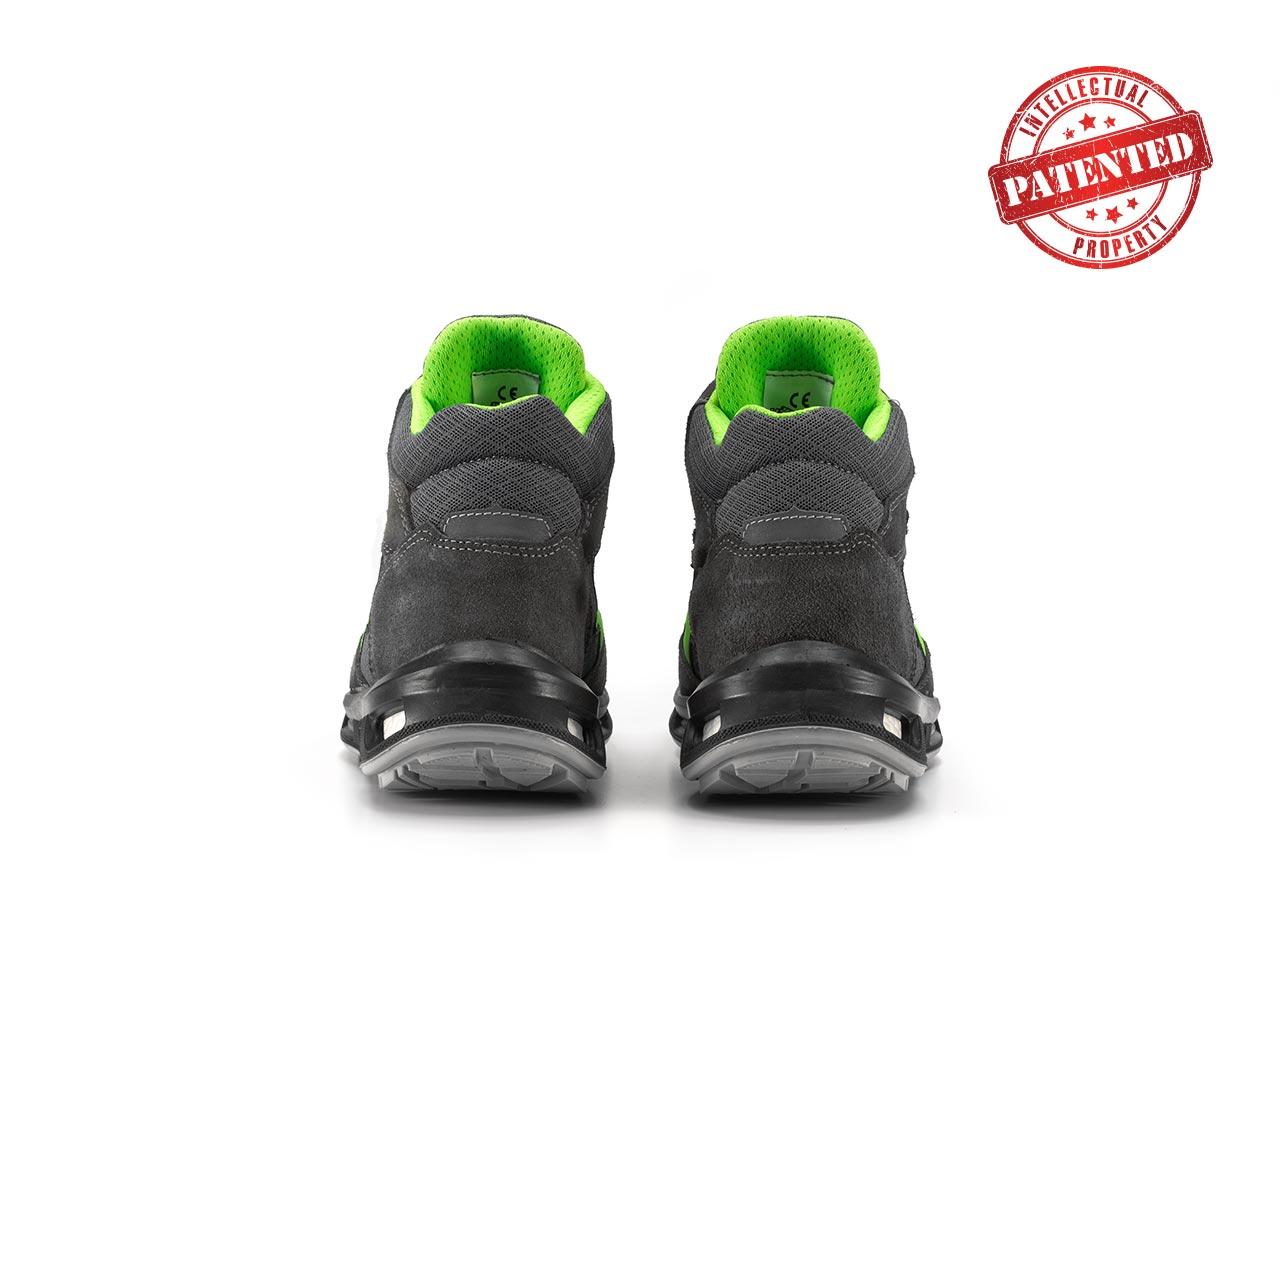 paio di scarpe antinfortunistiche alte upower modello ramas linea redlion vista retro